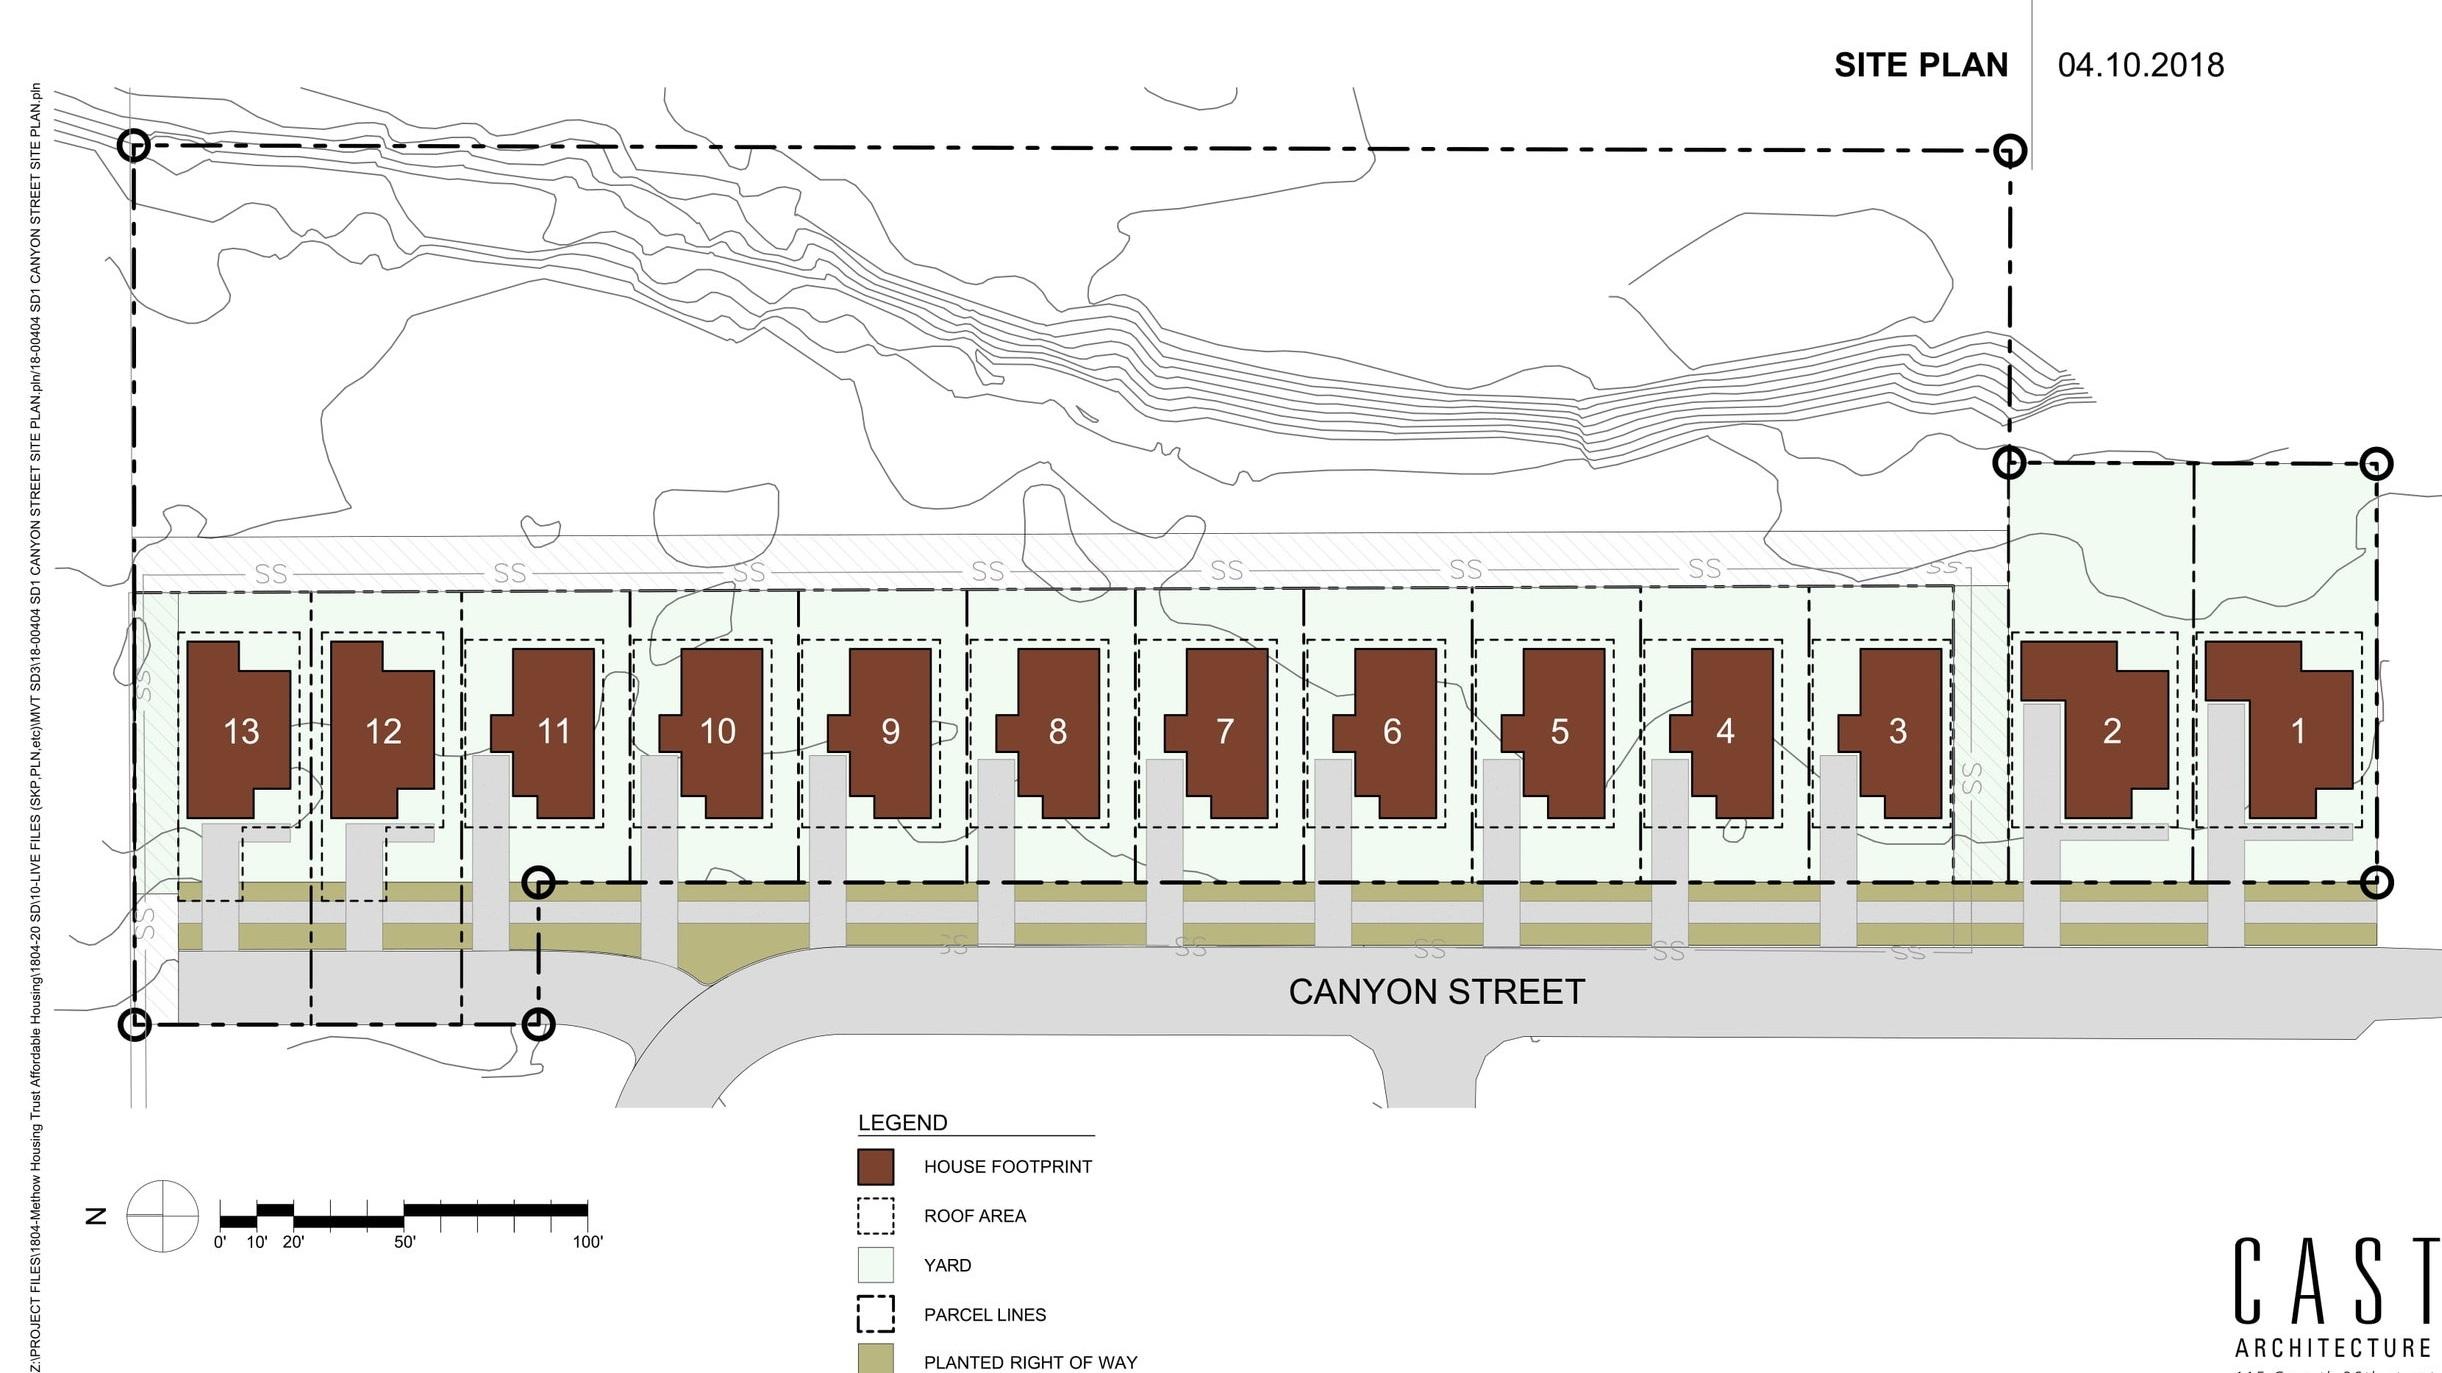 Canyon+Street+Site+Plan+--+April+10%2C+2018.jpg